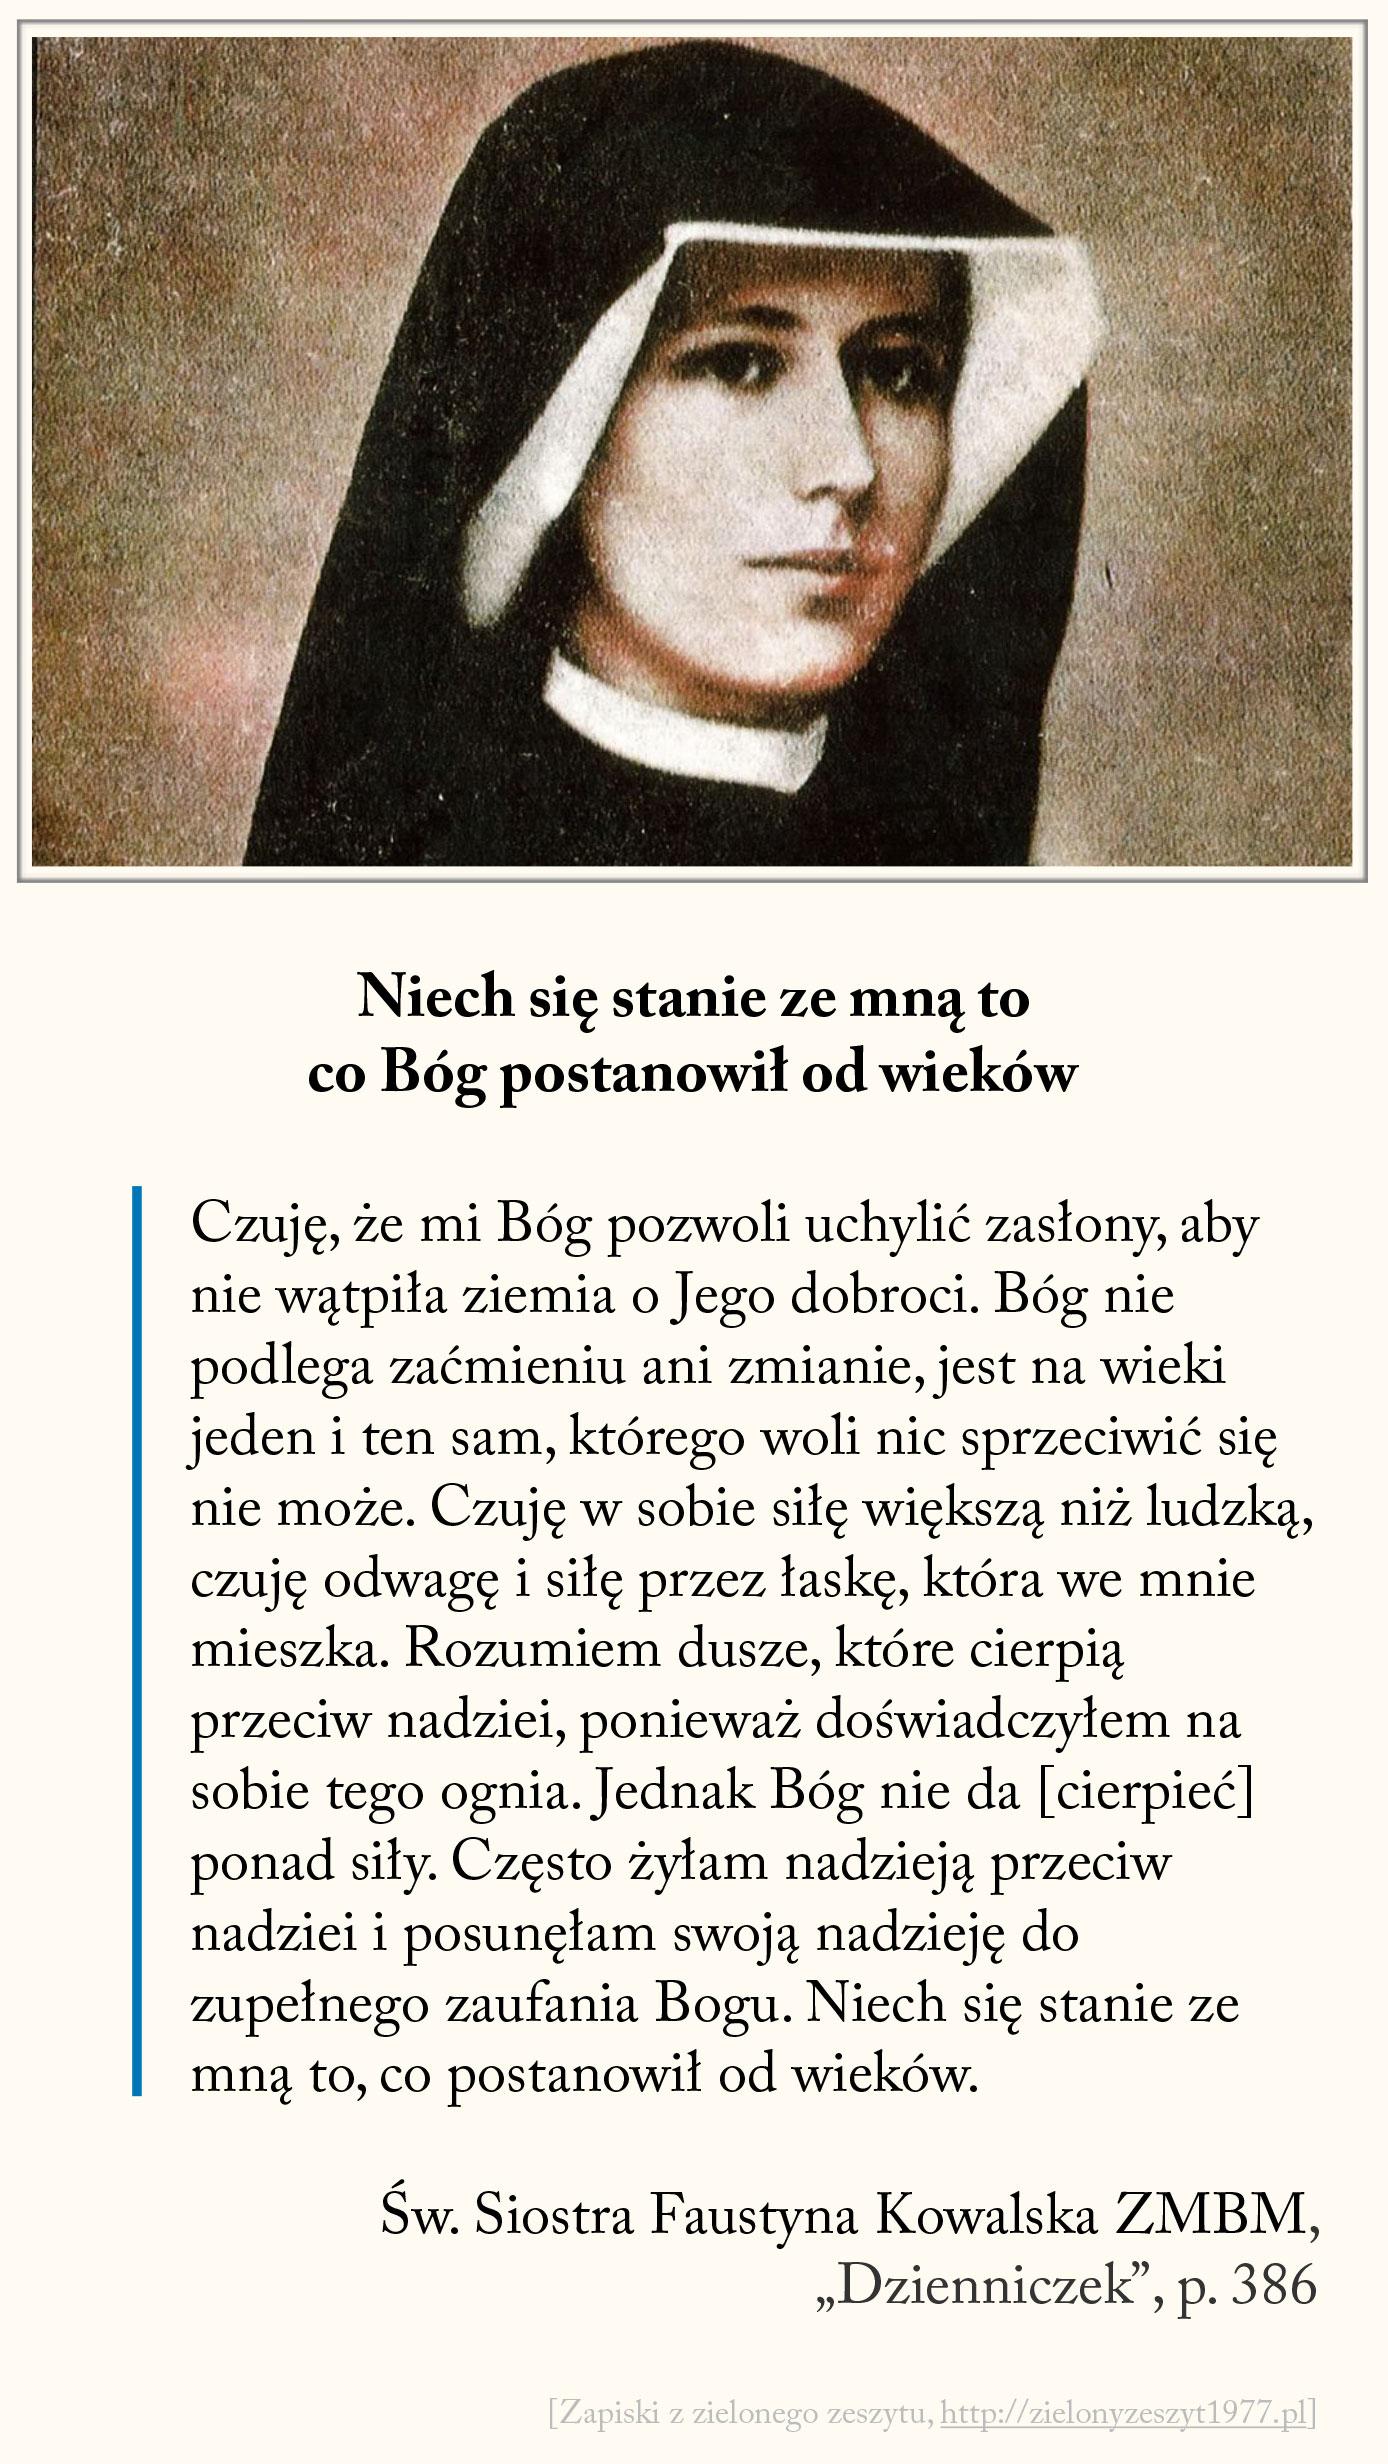 Niech się stanie ze mną to co Bóg postanowił od wieków, św. Faustyna Kowalska